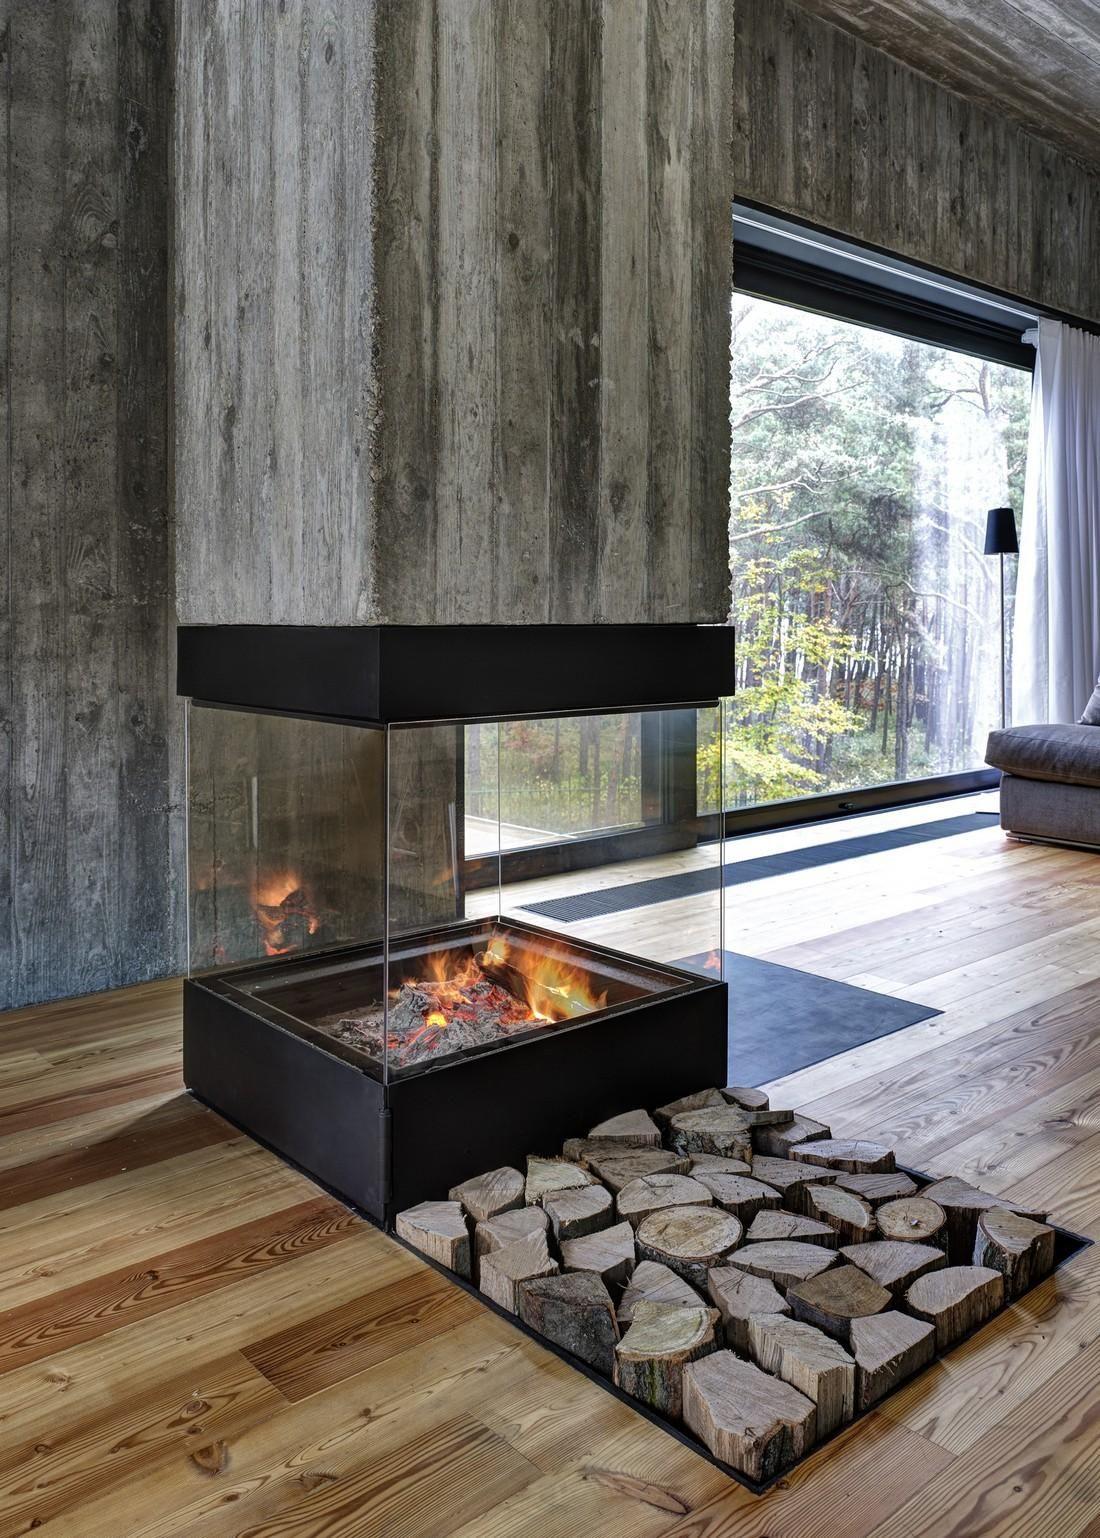 Se puede poner chimenea en un piso gallery of insert - Poner chimenea piso ...